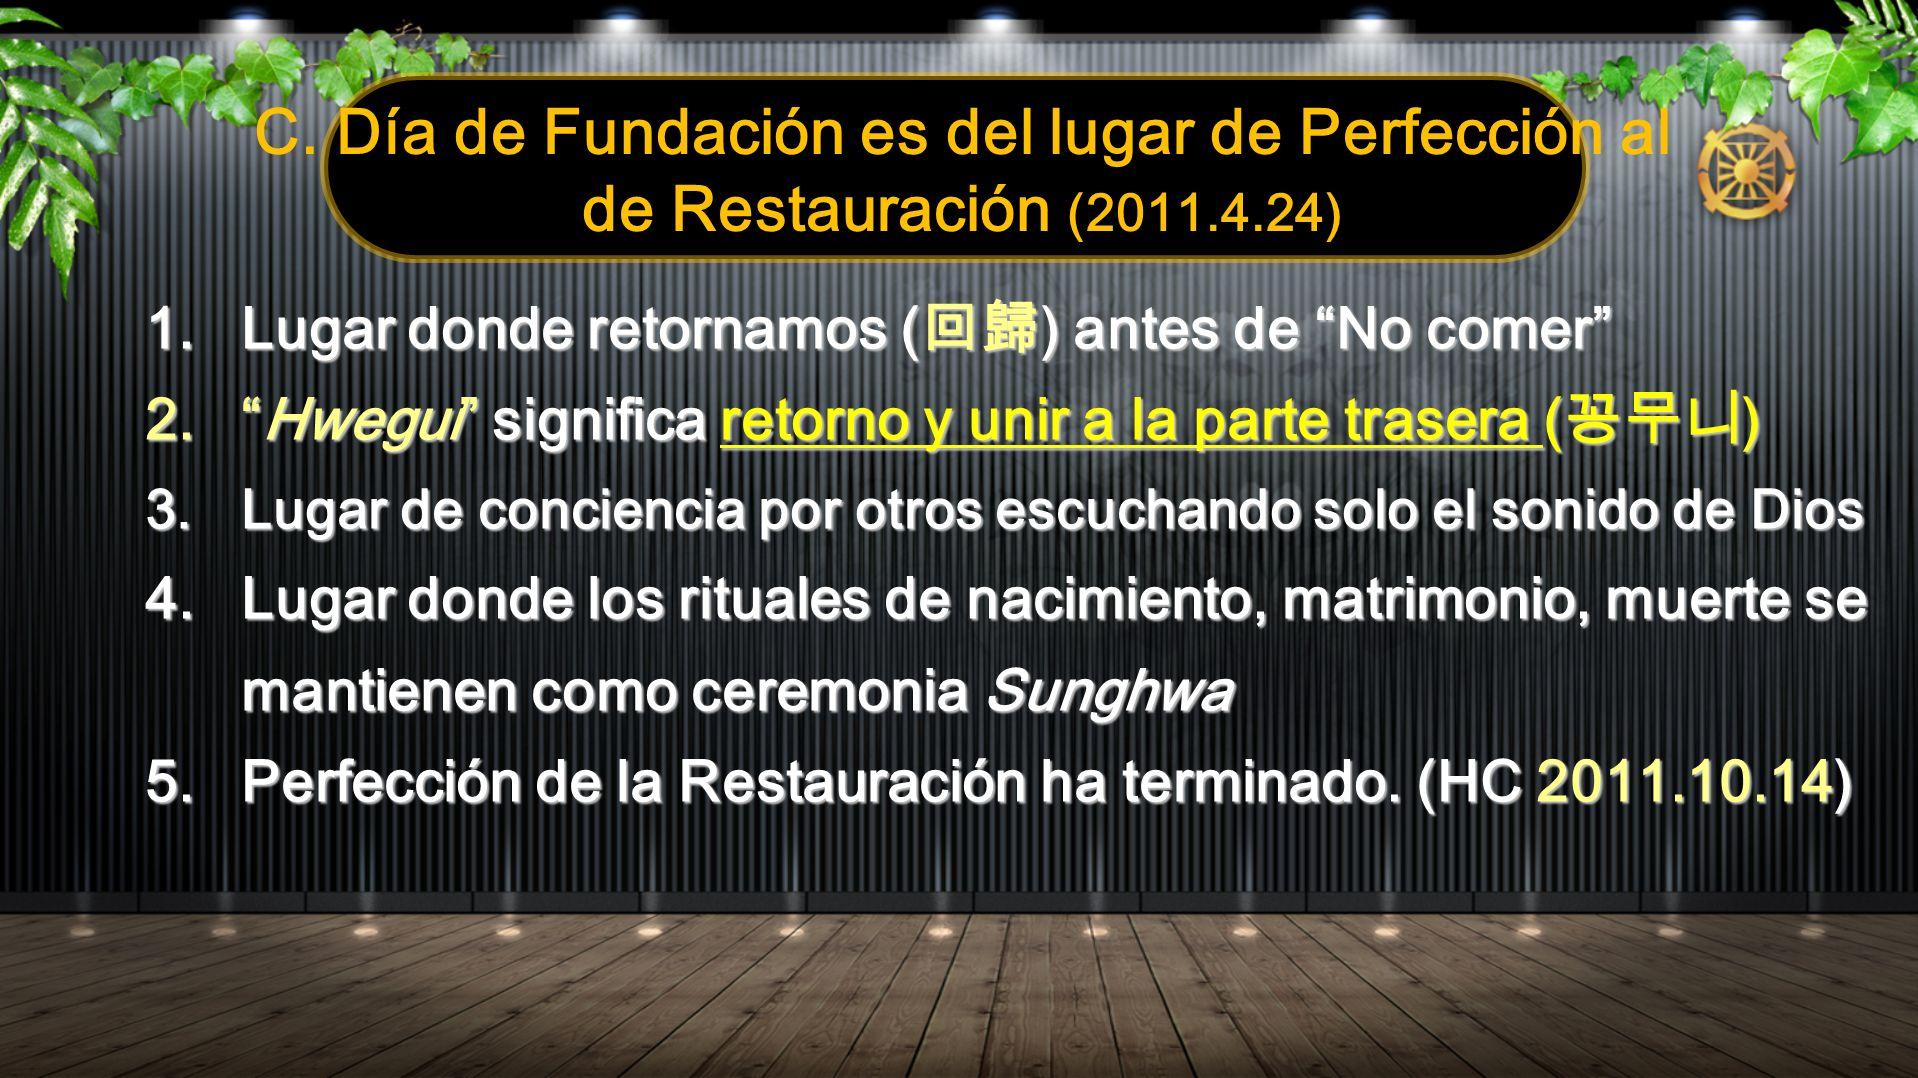 C. Día de Fundación es del lugar de Perfección al de Restauración (2011.4.24)